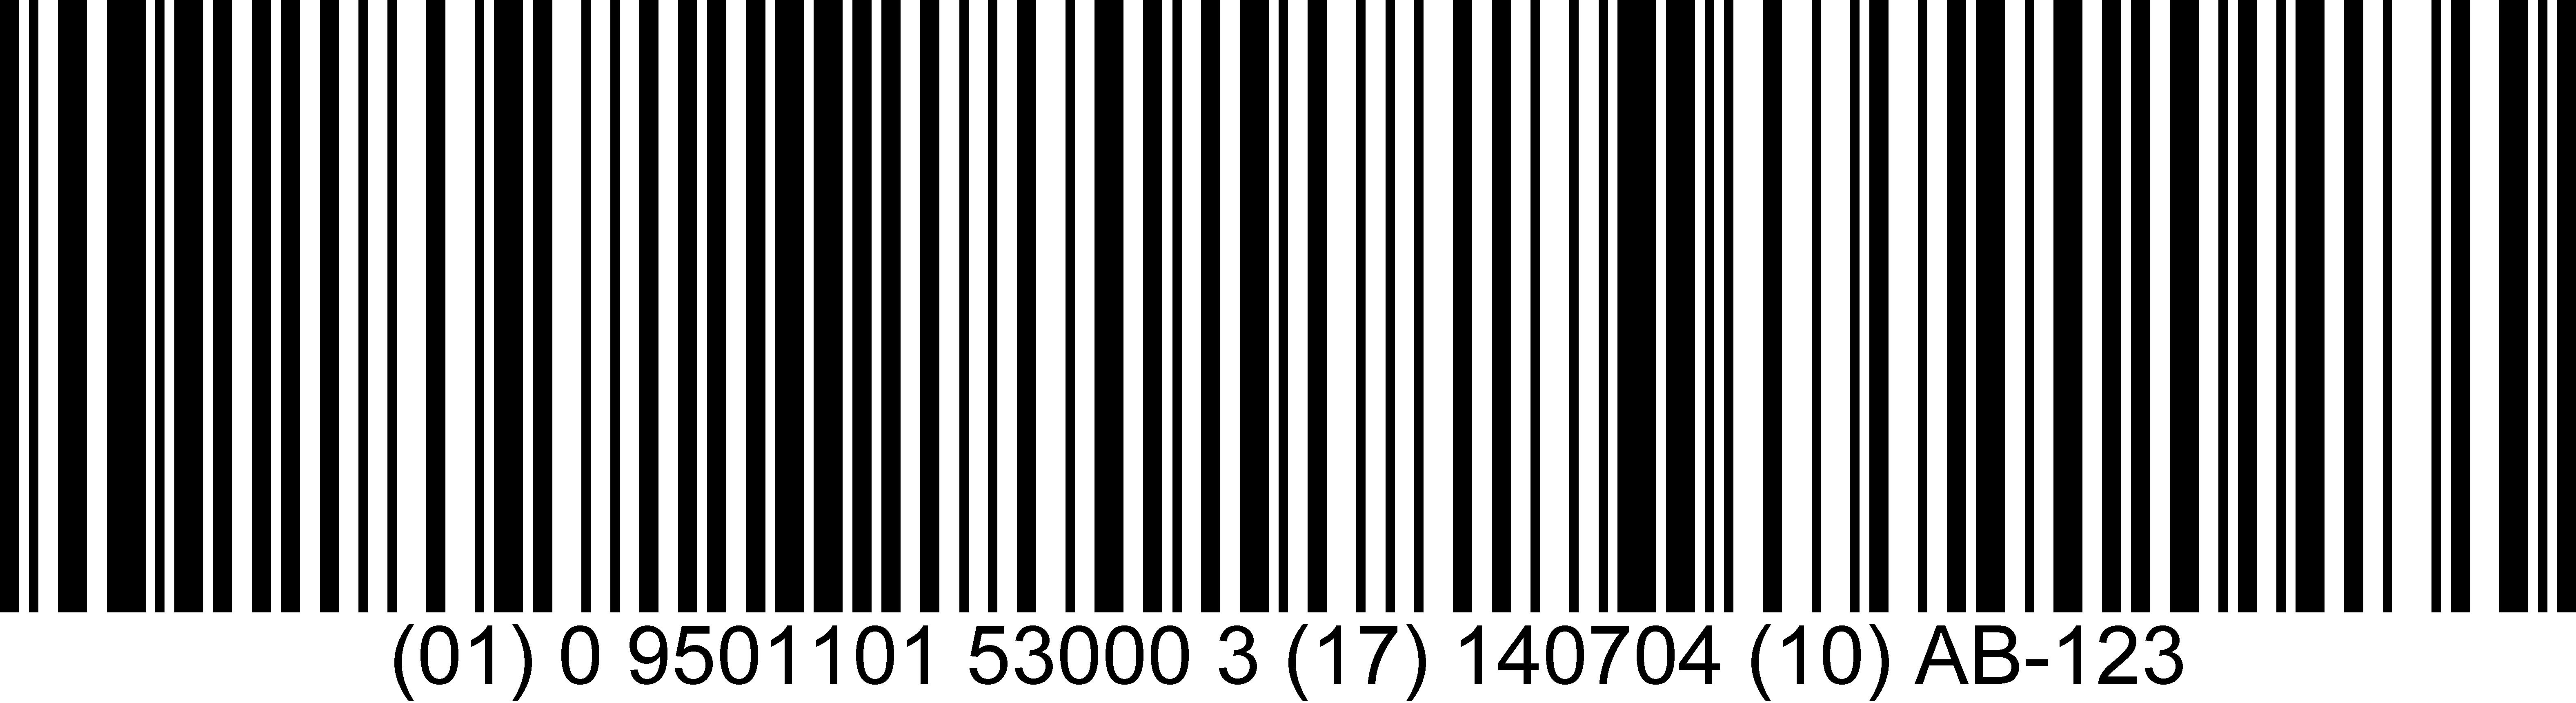 1D barcode GS1-28